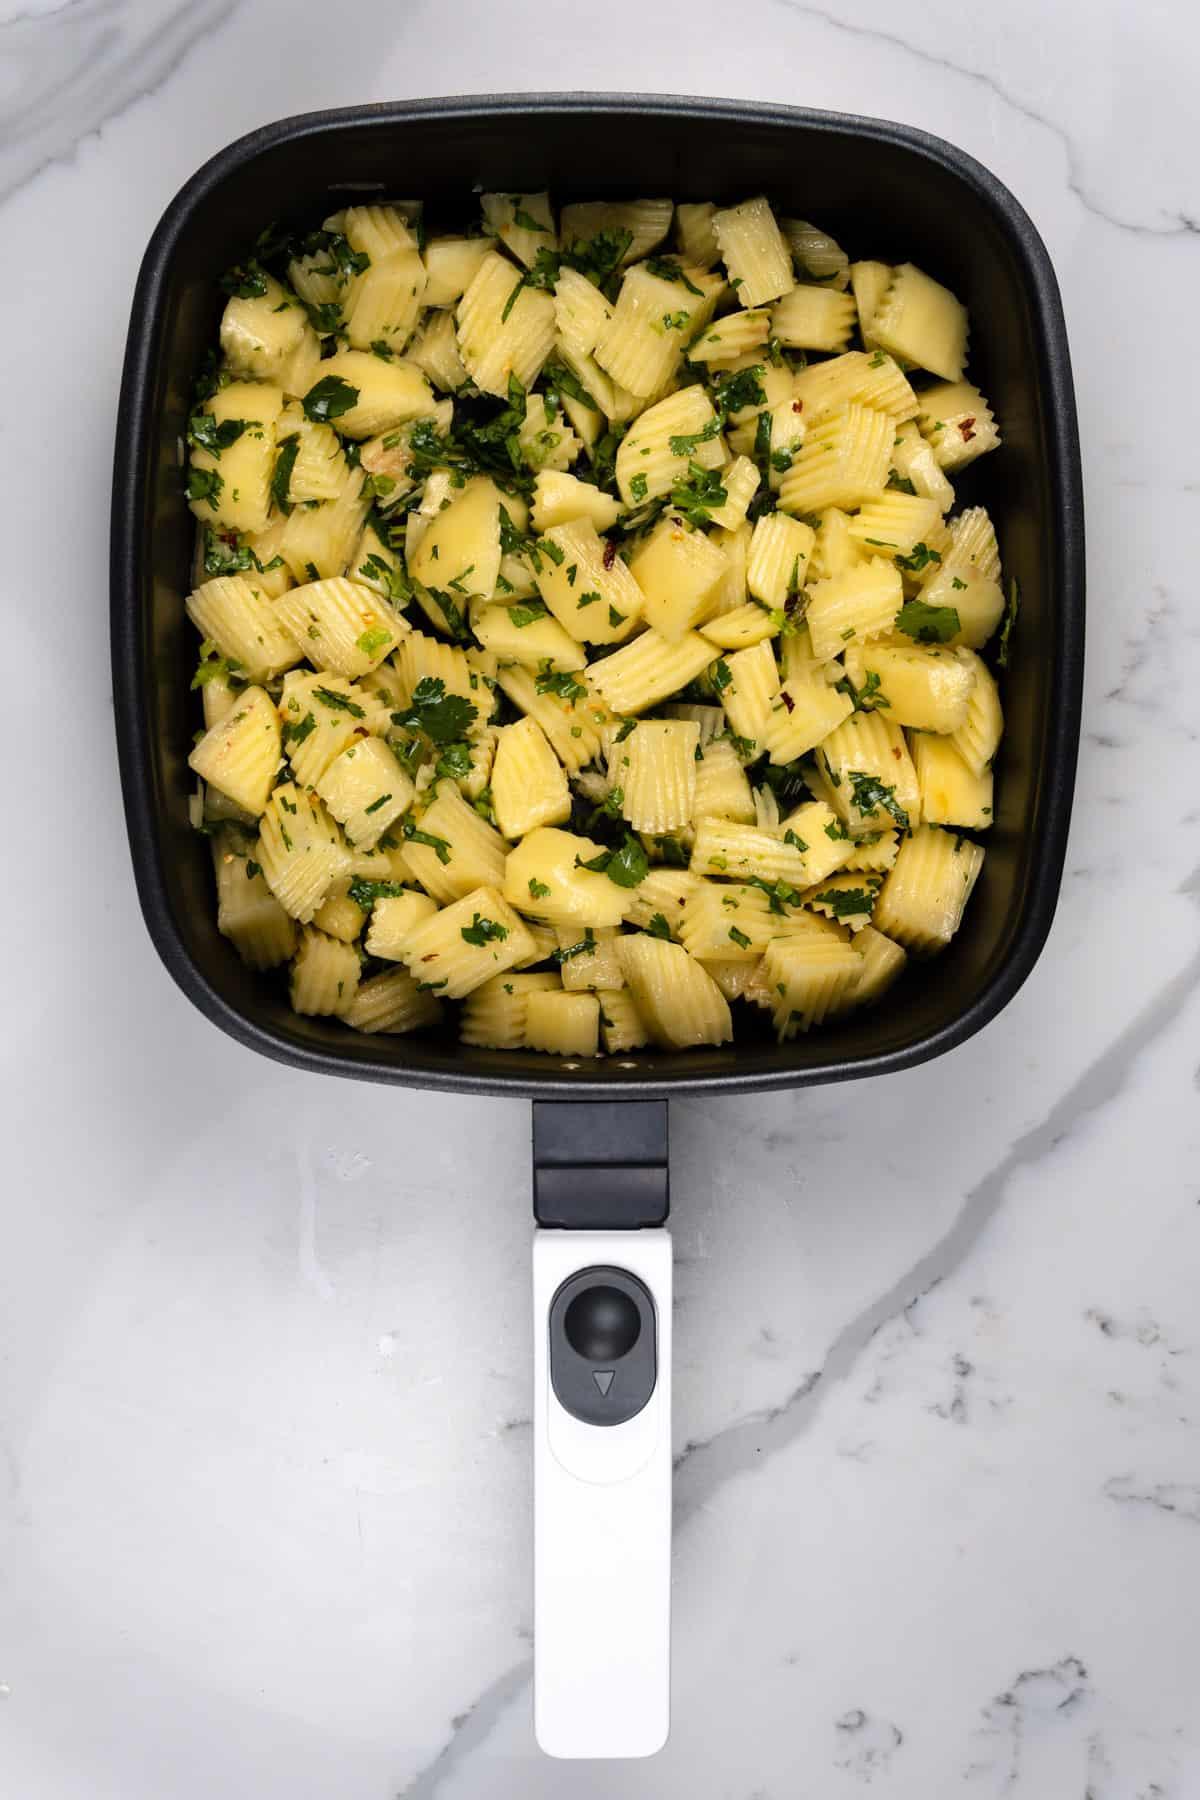 raw batata harra in an air fryer pan